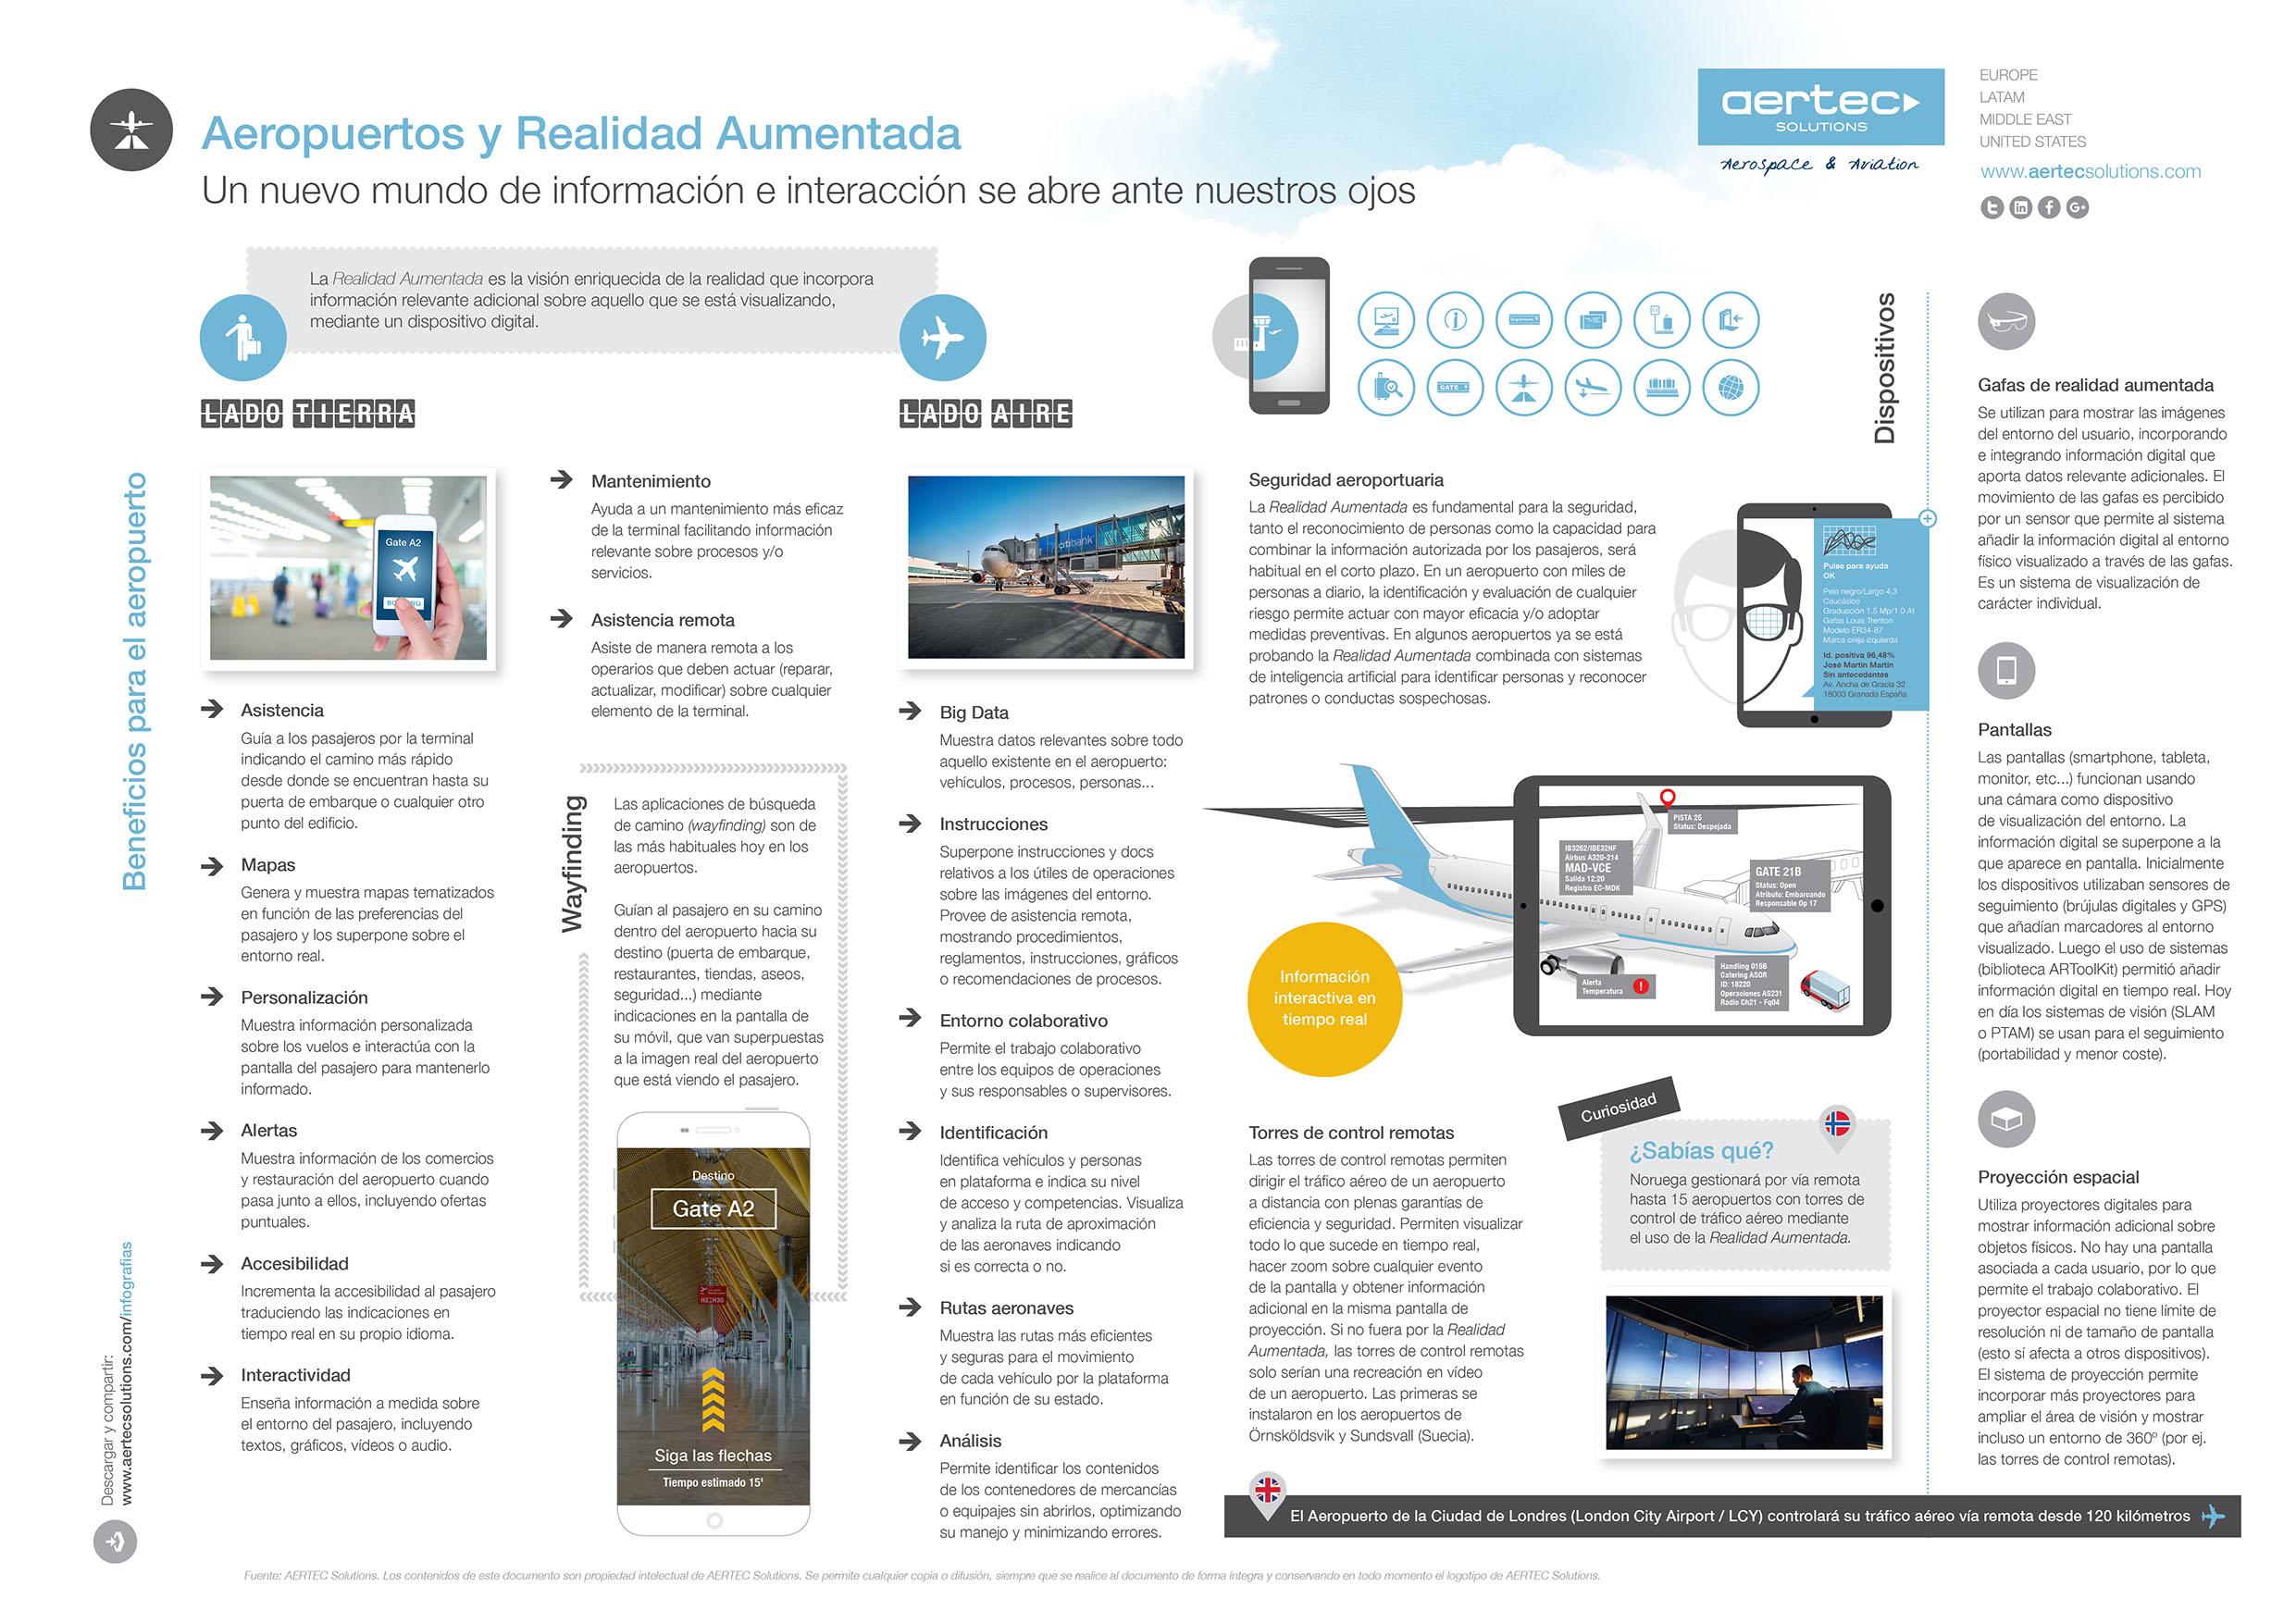 Infografía sobre aeropuertos y realidad aumentada